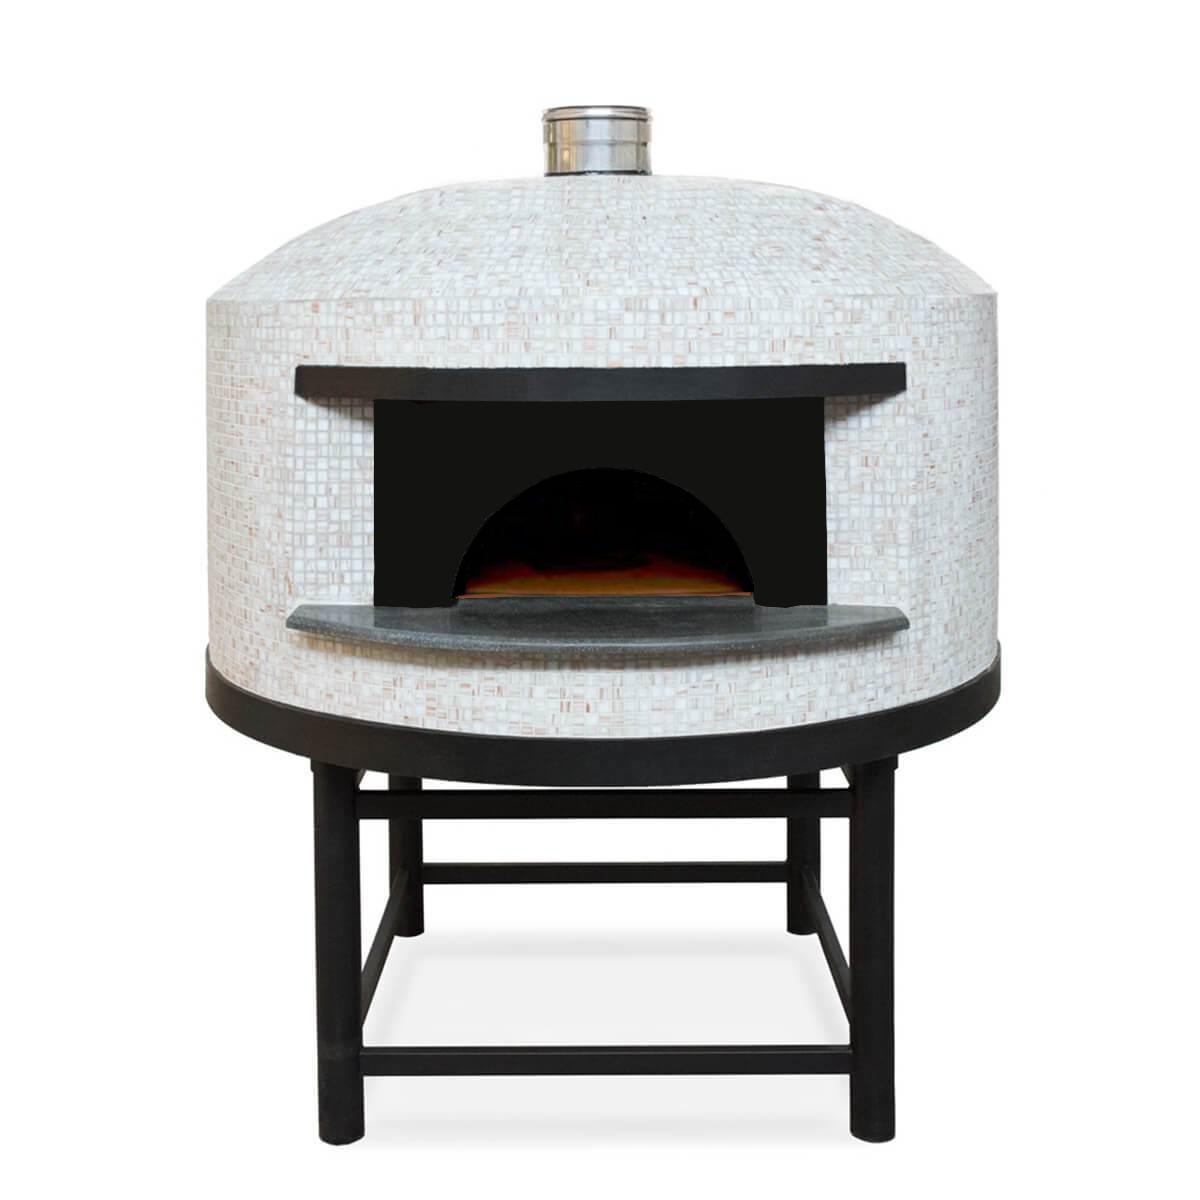 Lò nướng củi pizza - Wood Fire Brick Pizza Oven